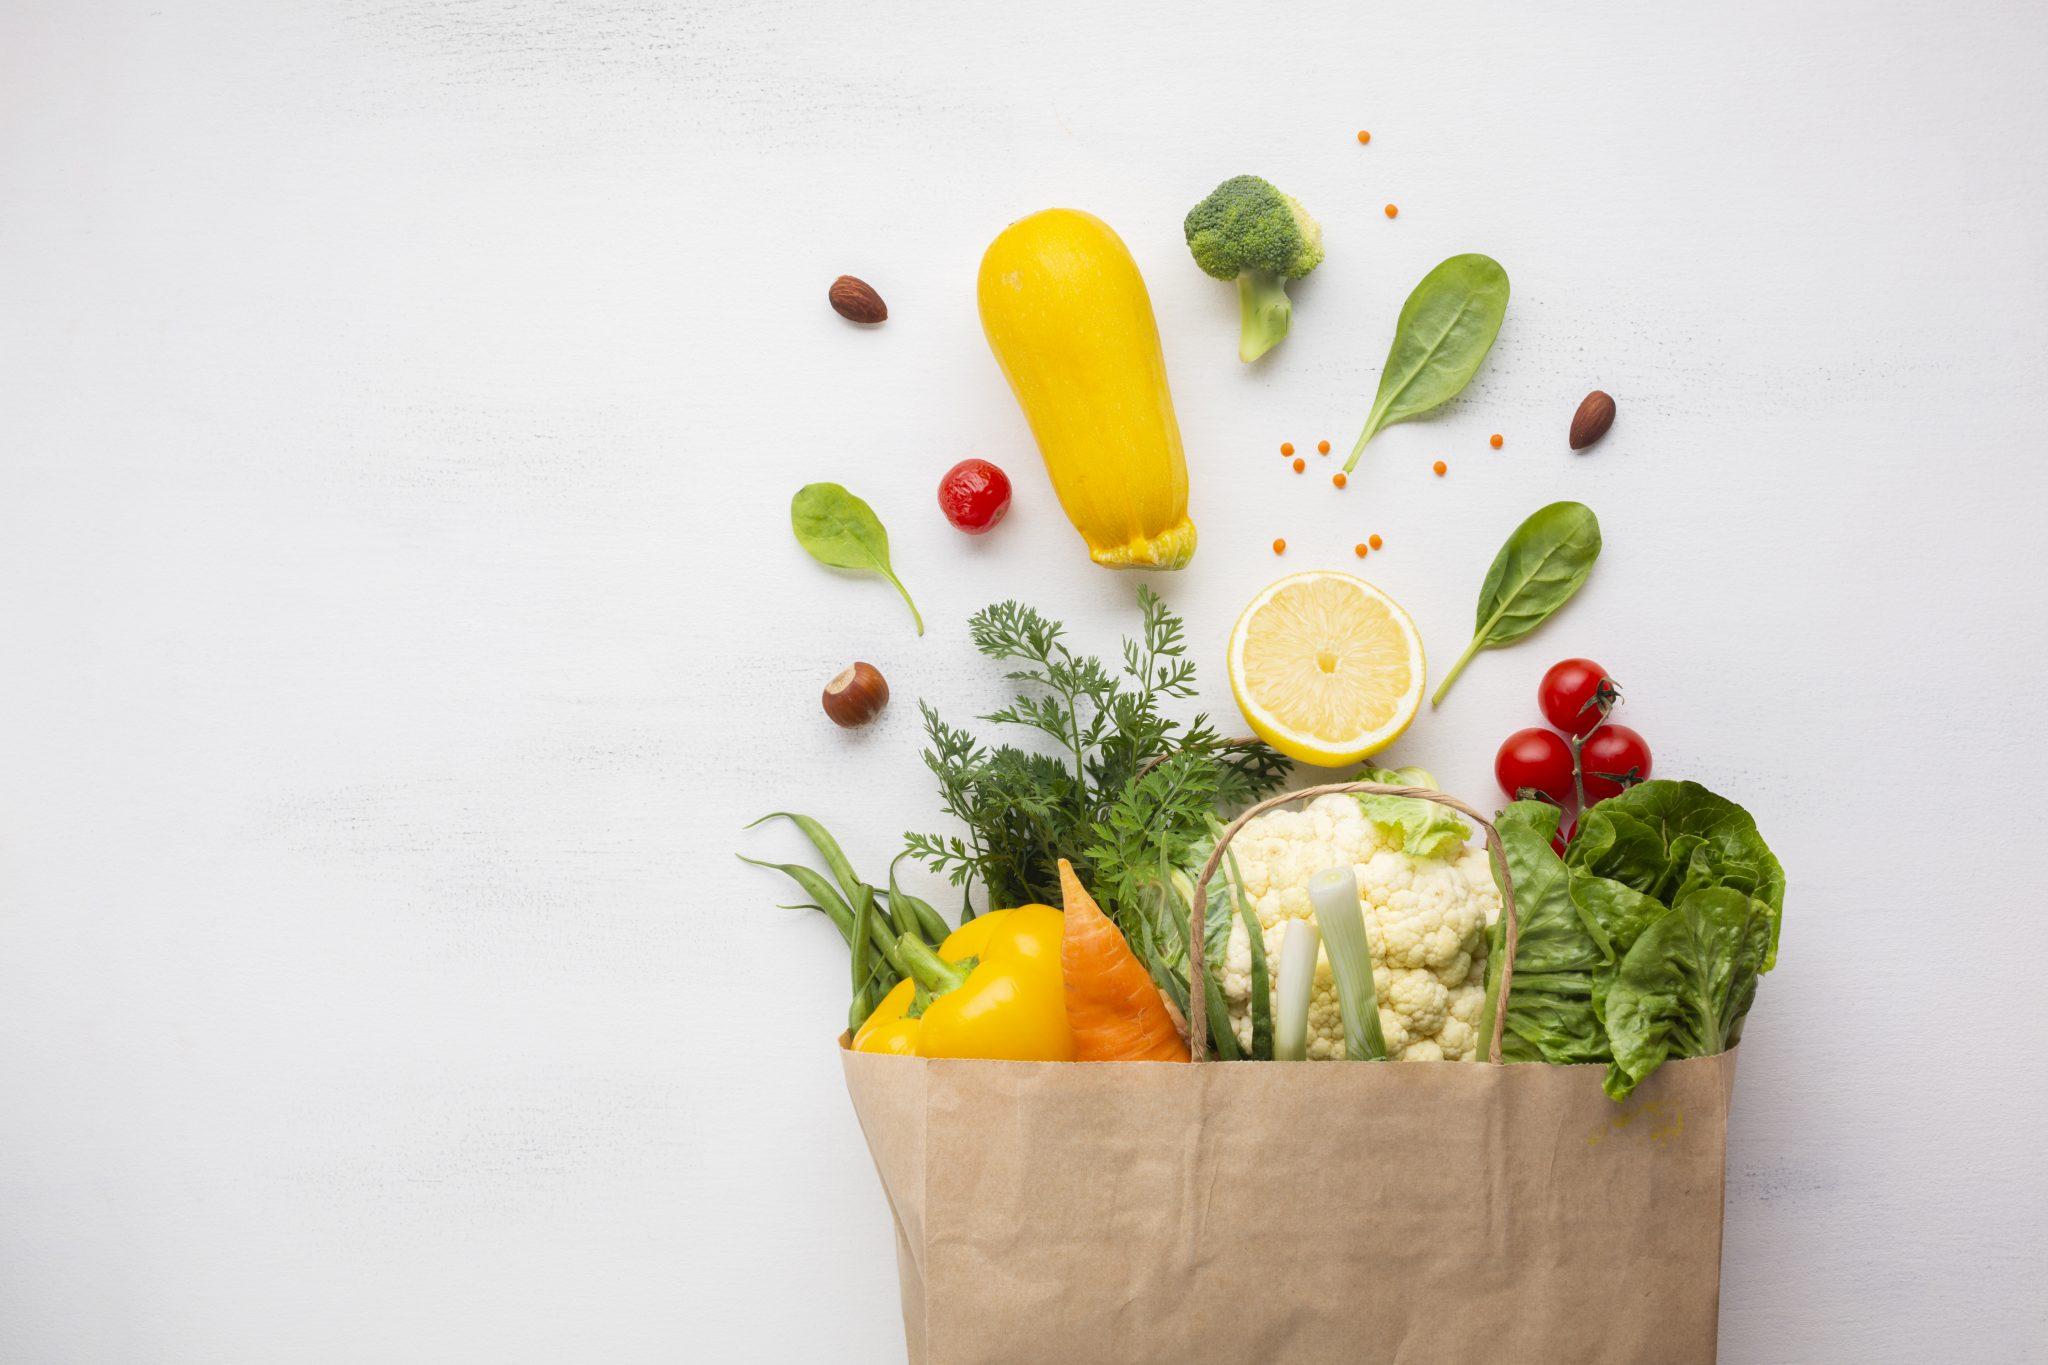 Qué verduras son más sanas si se comen crudas y cuáles es mejor cocinar